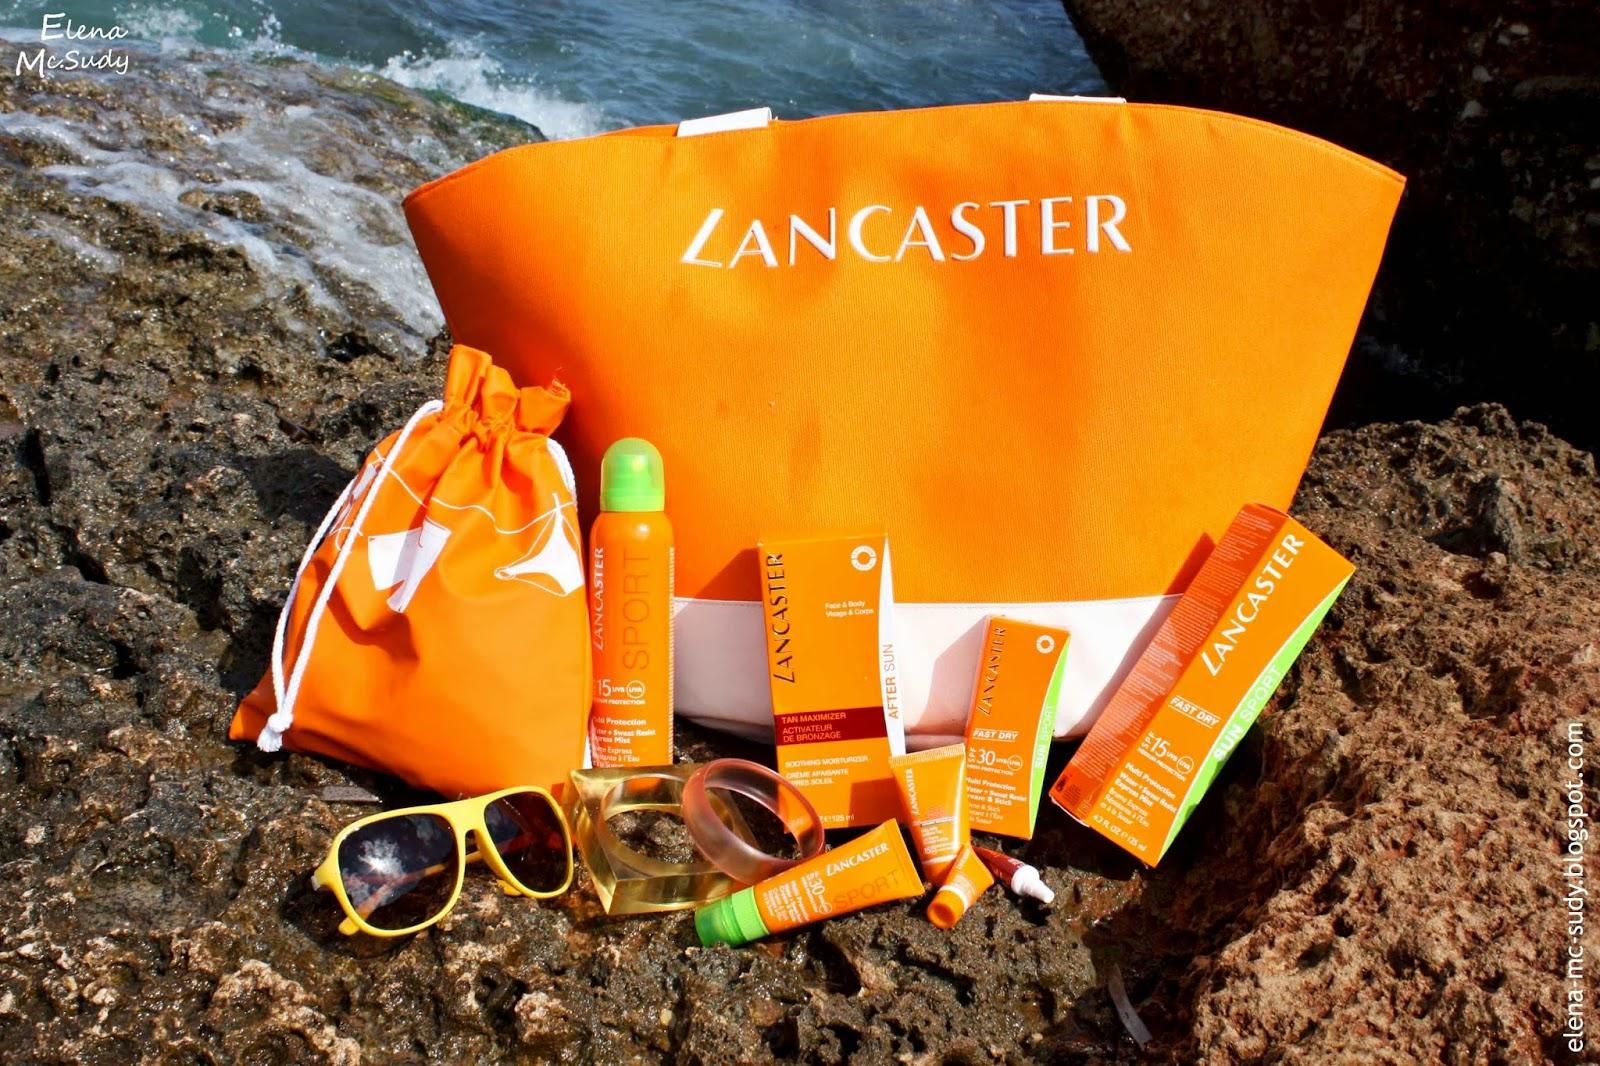 Lancaster солнцезащитные средства